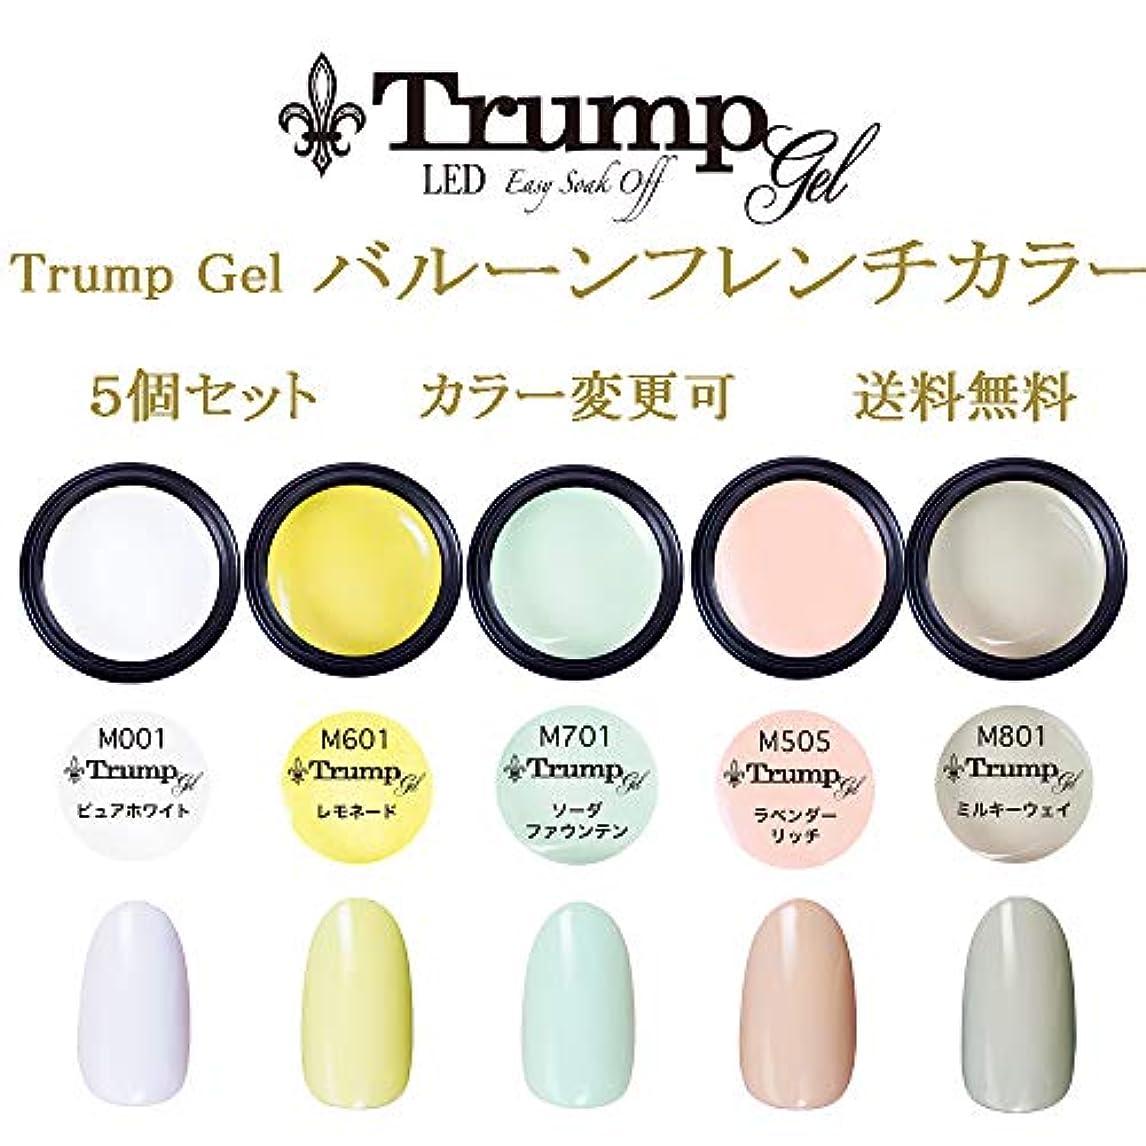 ハミングバードきょうだい同級生【送料無料】Trumpバルーンフレンチカラー 選べるカラージェル5個セット